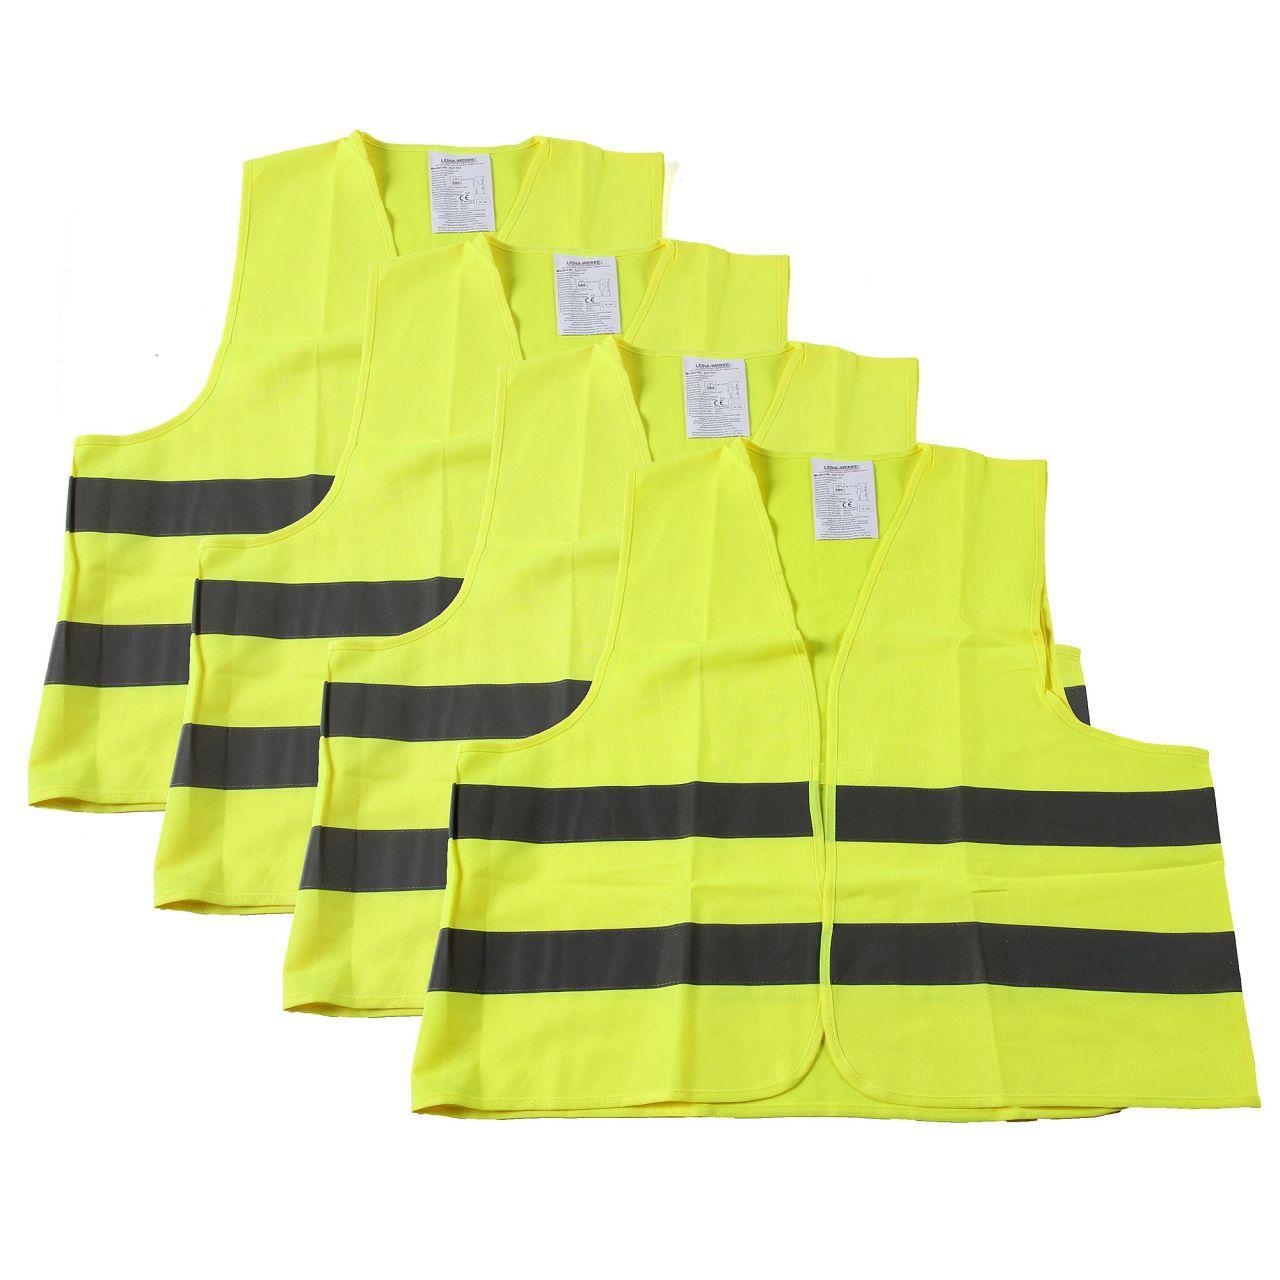 4x Warnweste Warnschutzweste Sicherheitsweste GELB Größe XL EN ISO 20471